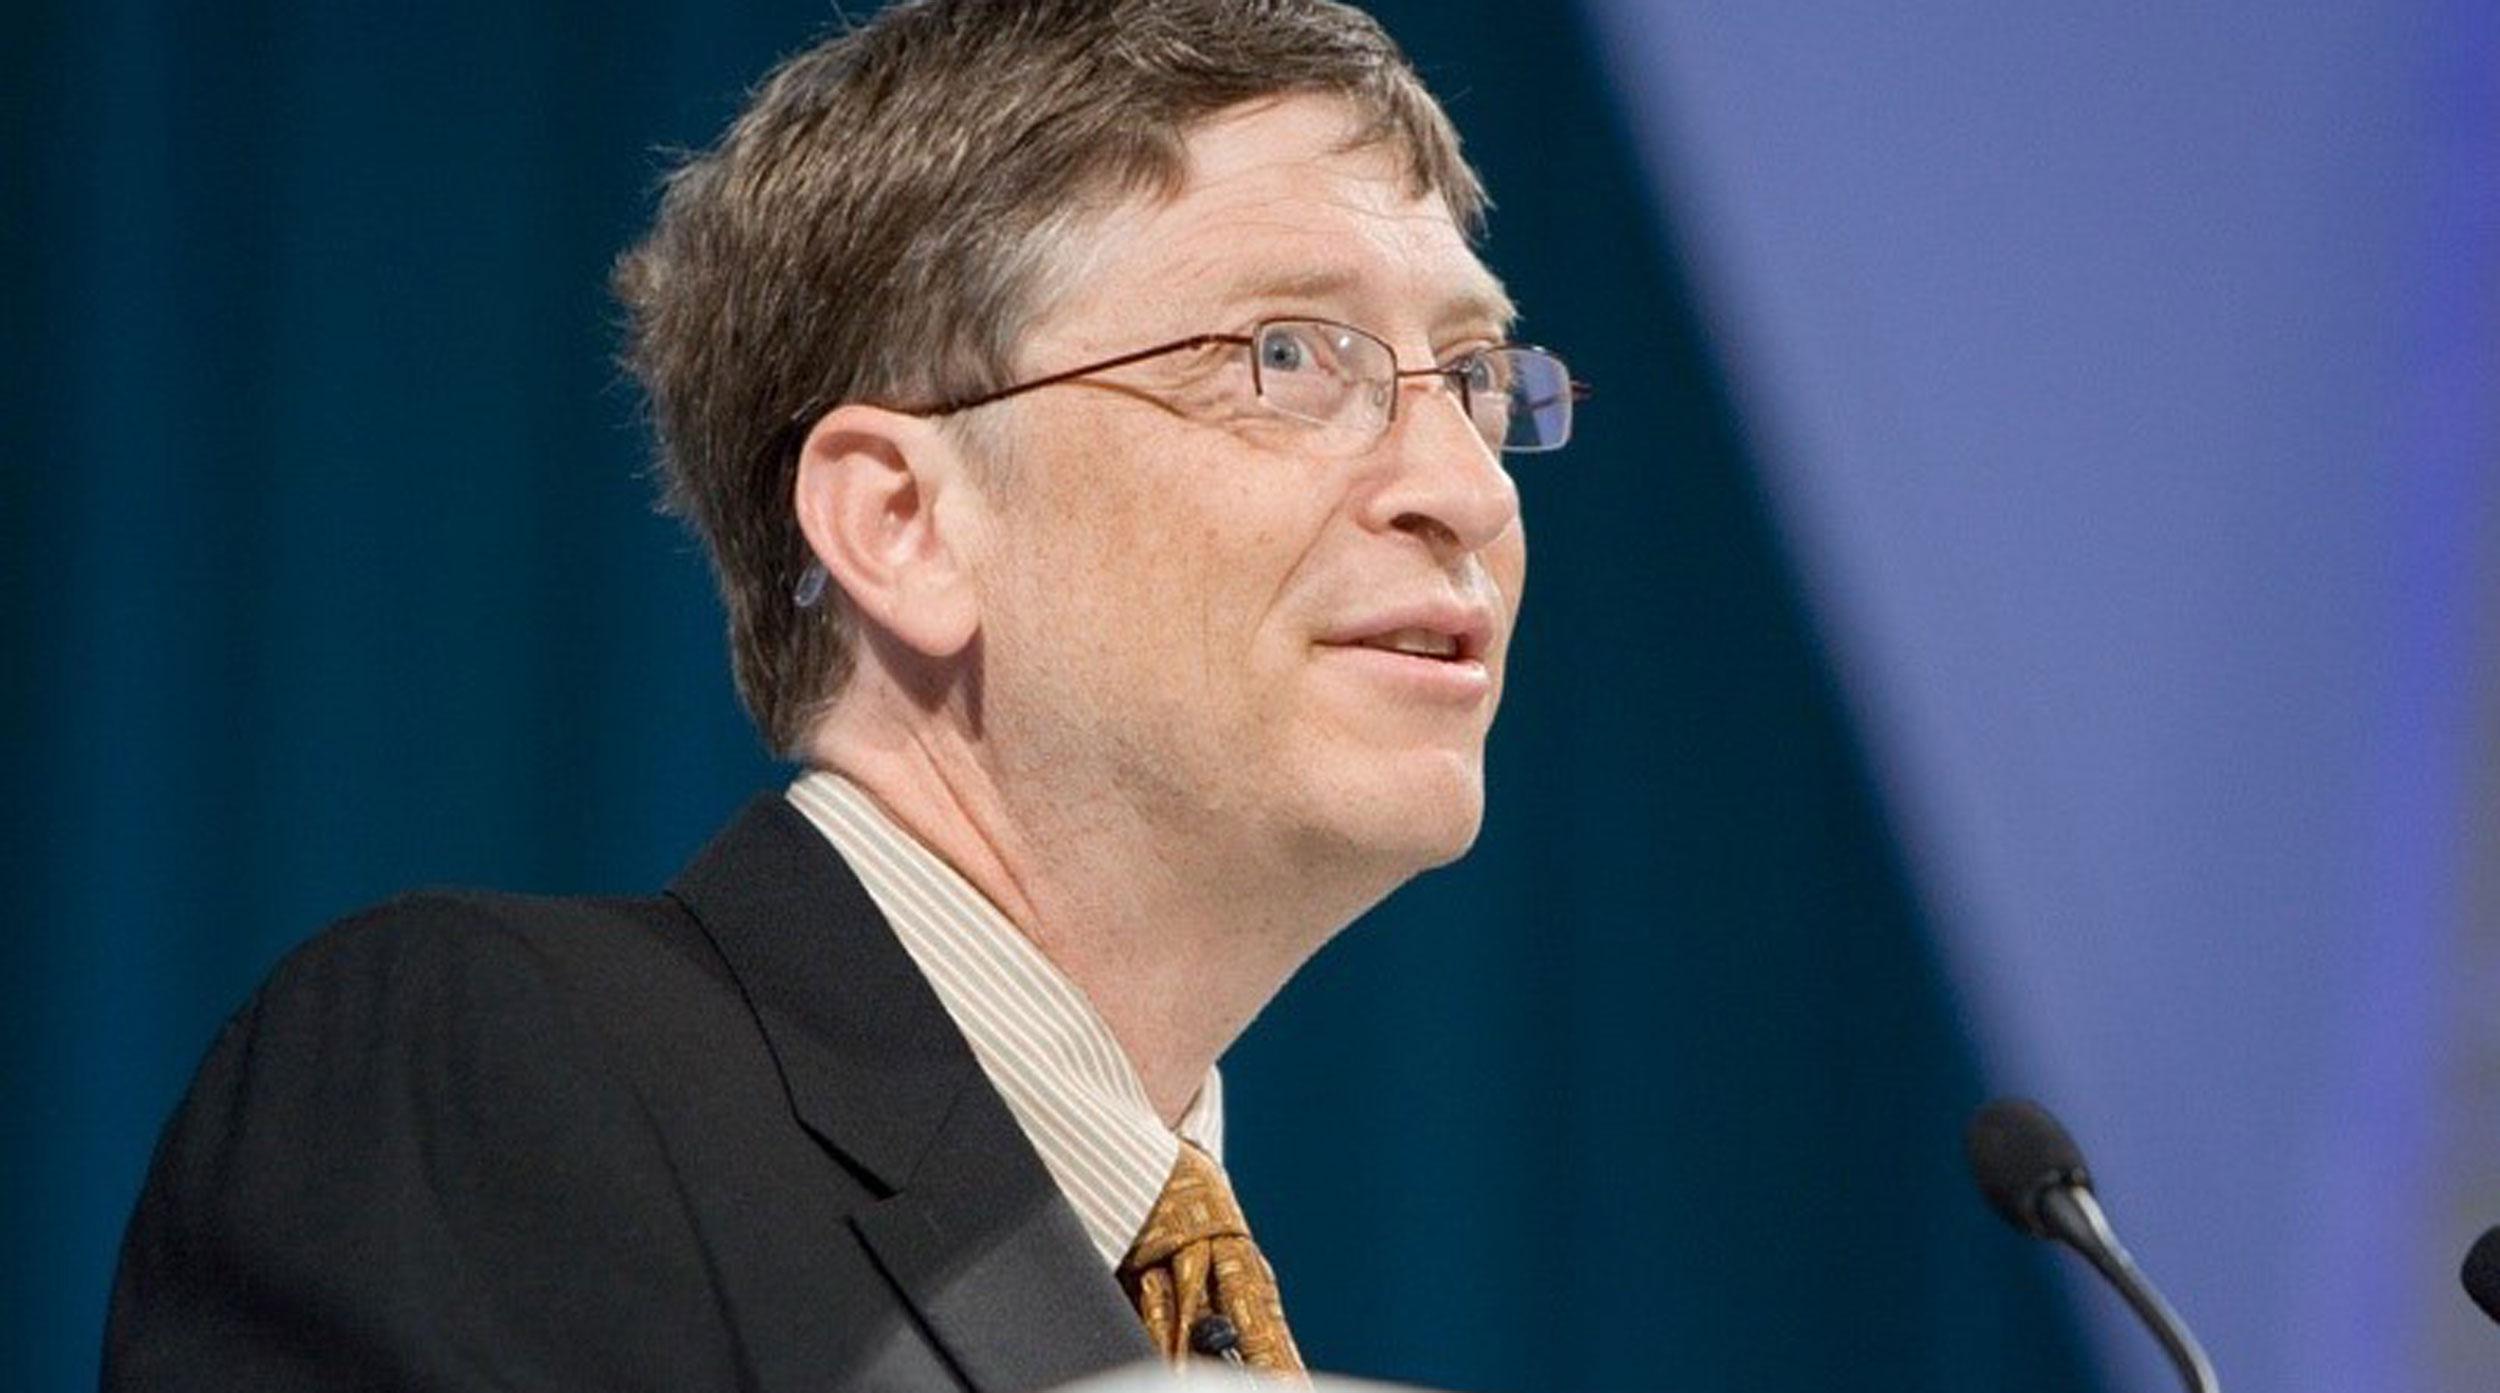 Según Bill Gates, Windows Phone no fue tan exitoso como Android culpa de la ley antimonopolio